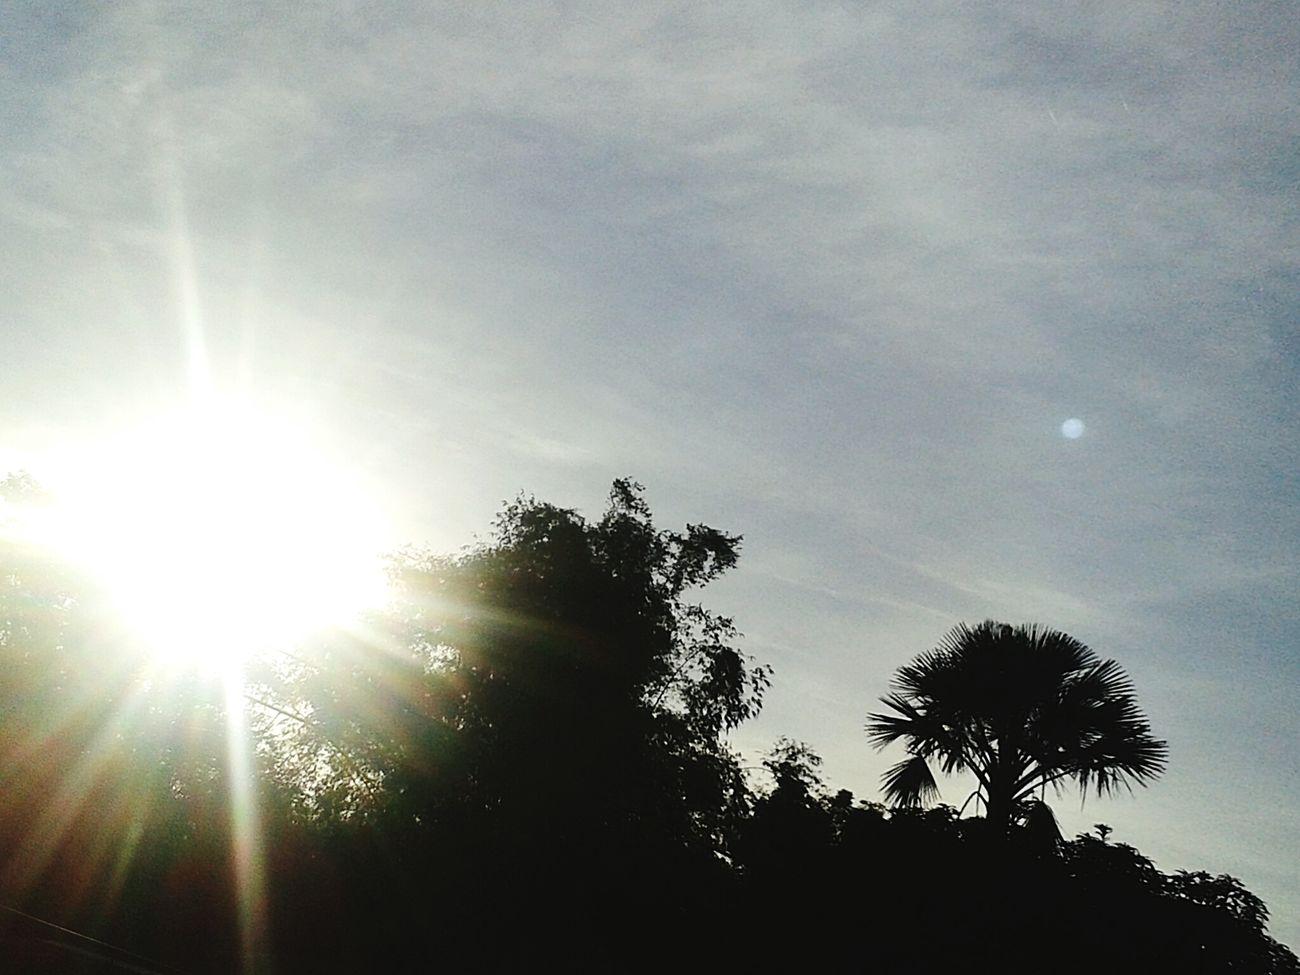 Sunrise ♥ EyeemShot Eyemphotography Eyemcaptured